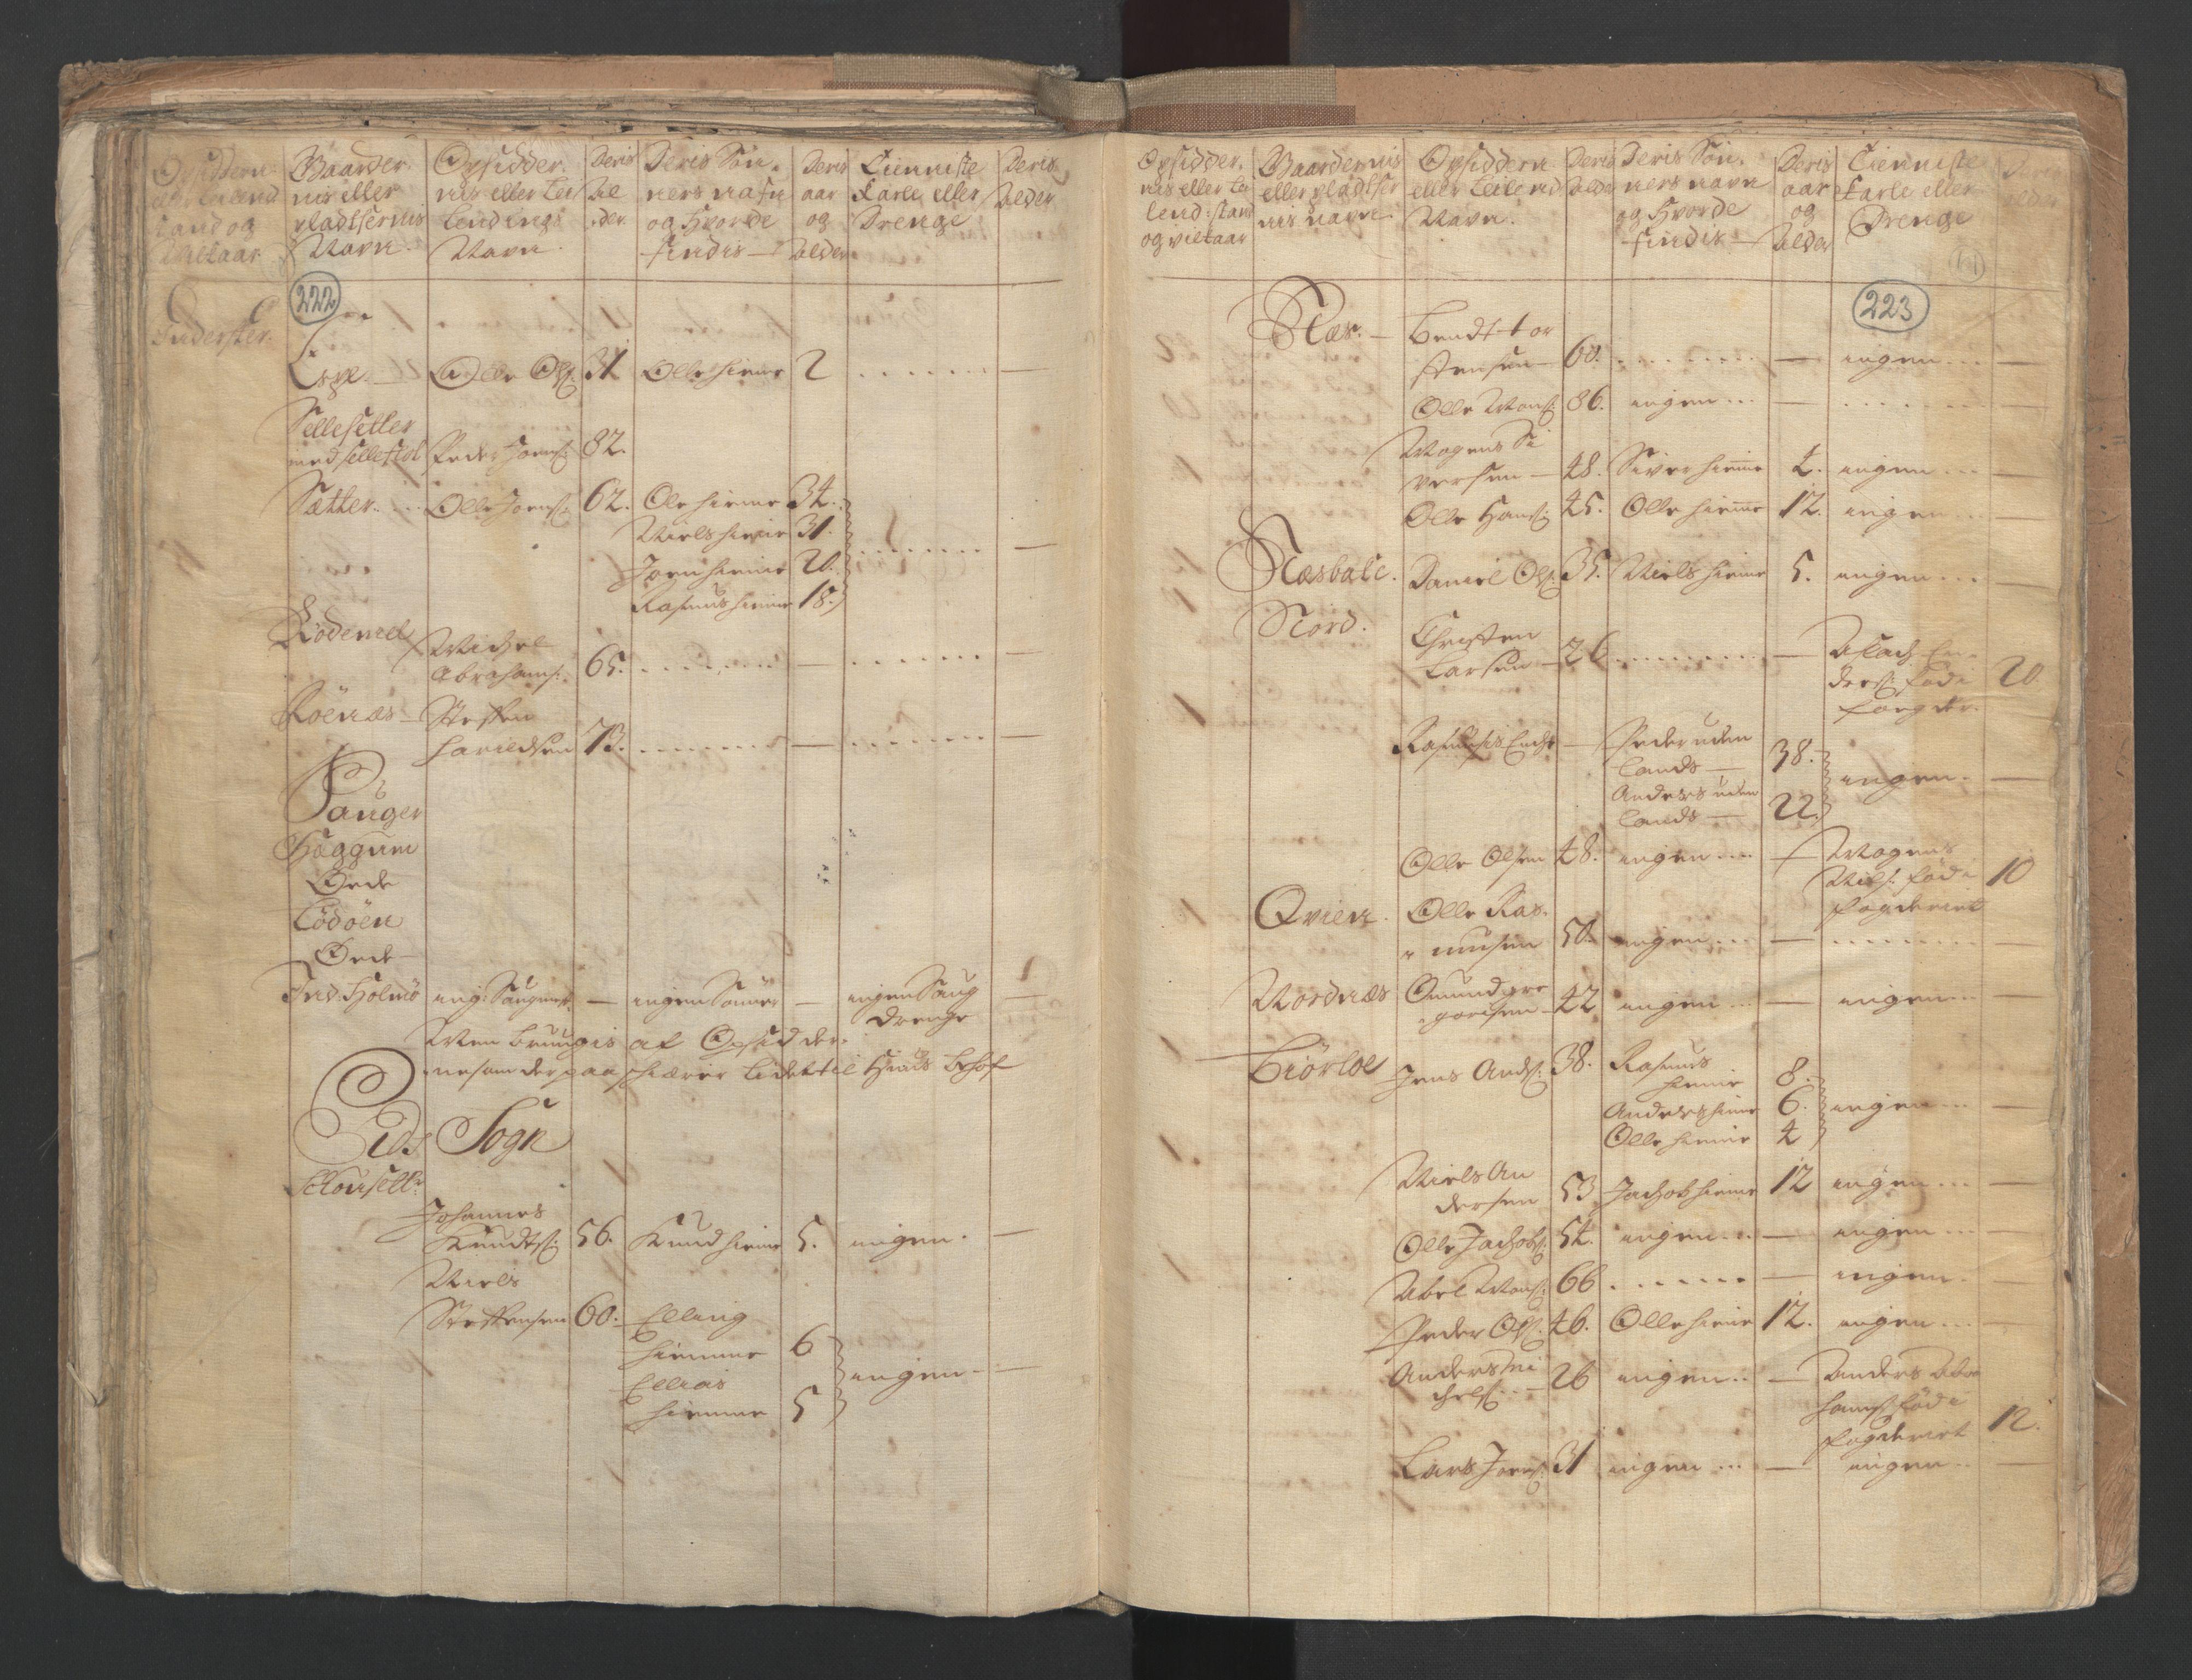 RA, Manntallet 1701, nr. 9: Sunnfjord fogderi, Nordfjord fogderi og Svanø birk, 1701, s. 222-223